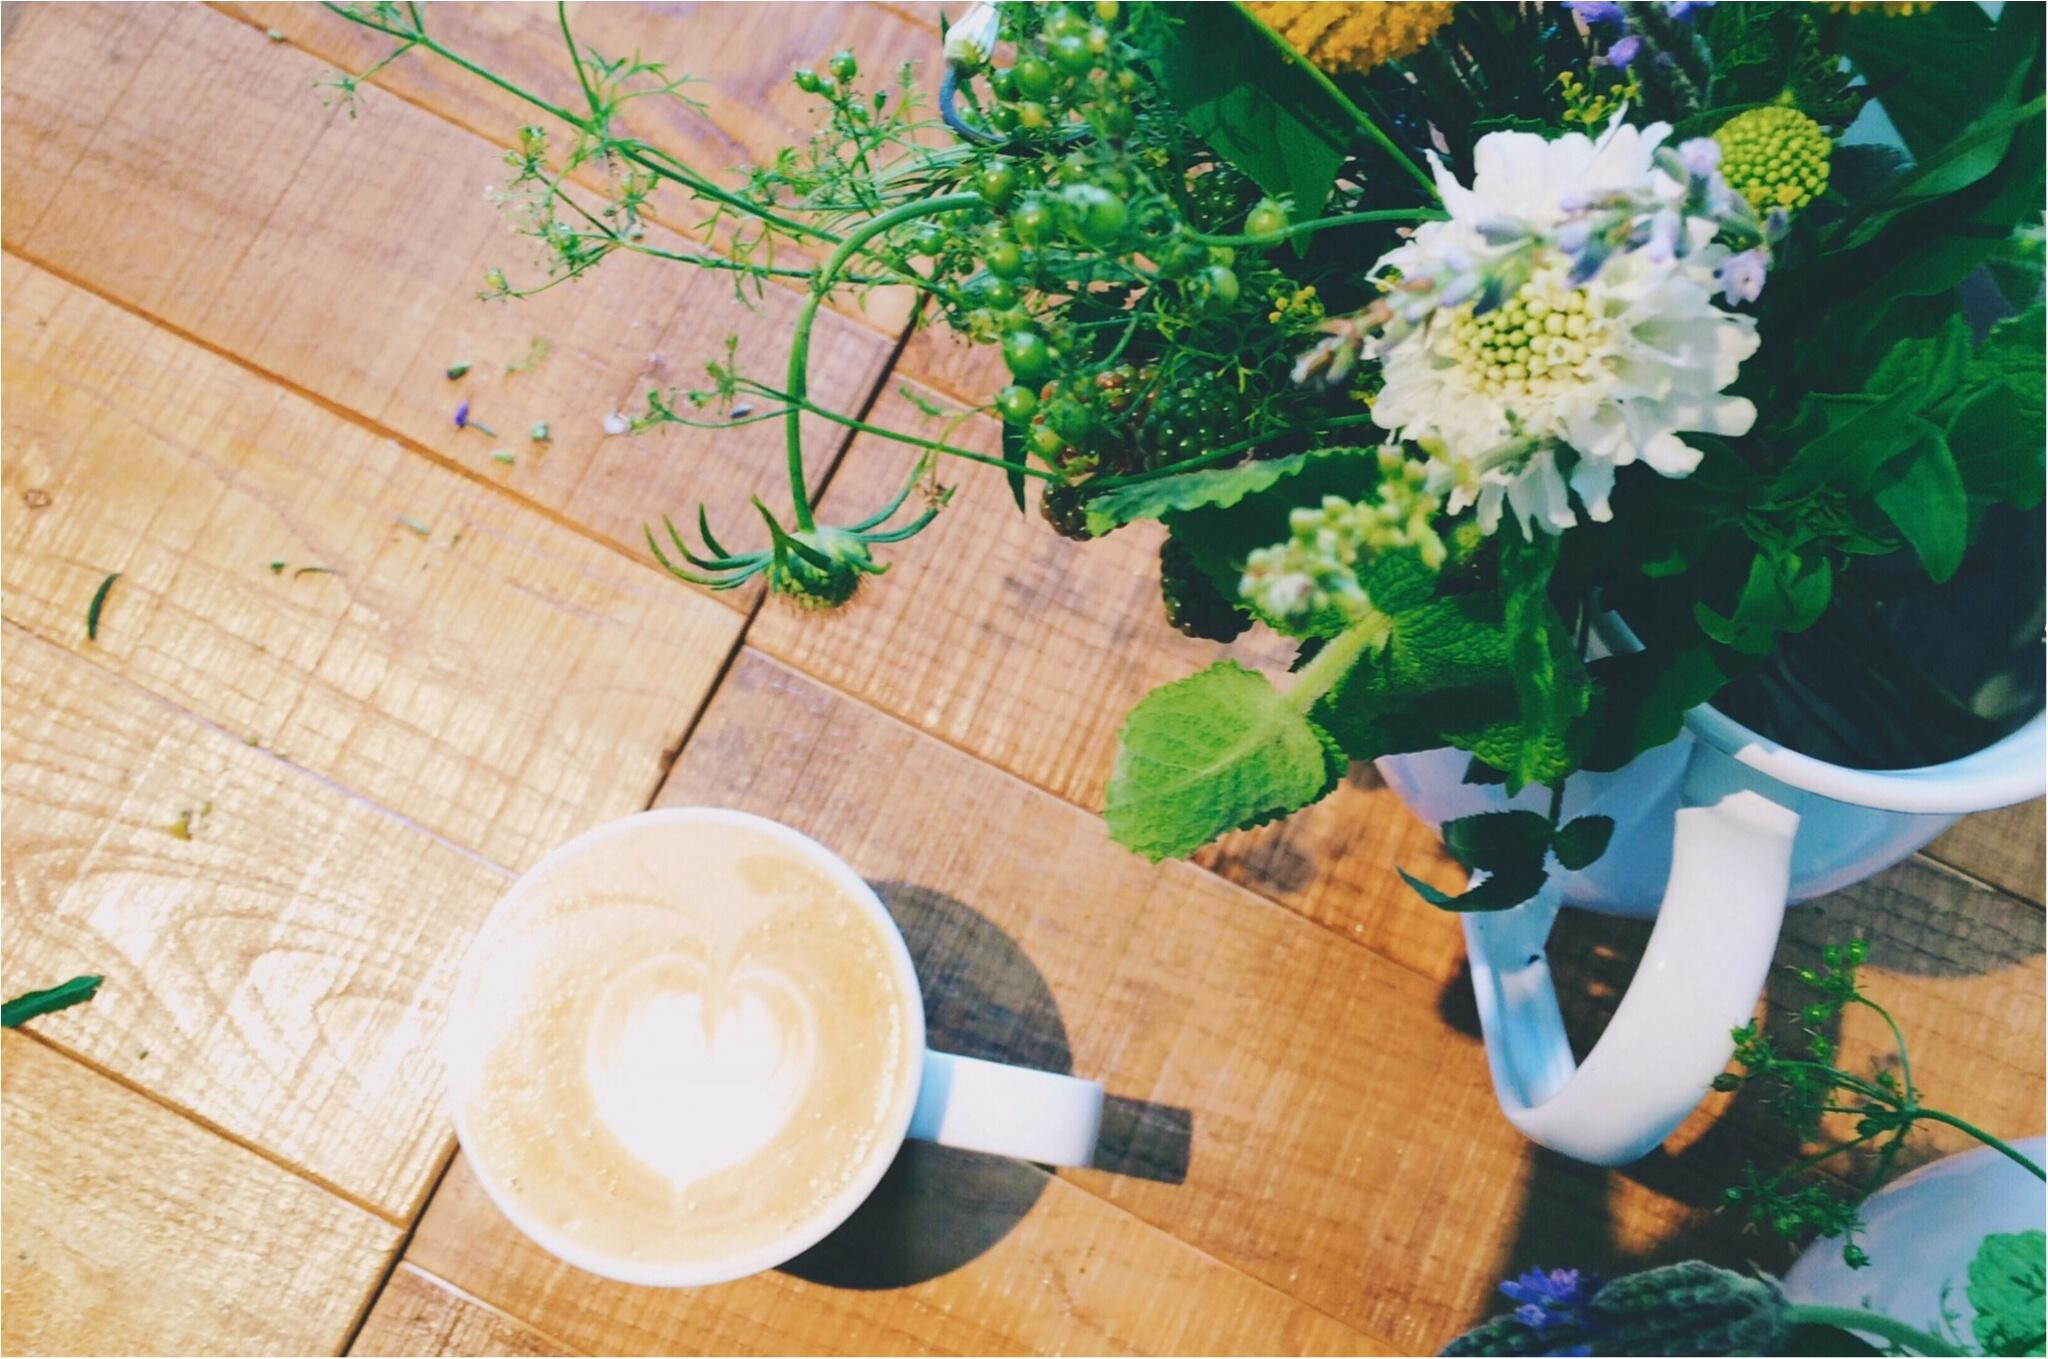 【*お花と珈琲時間な休日*】~食卓花のワークショップ~_1